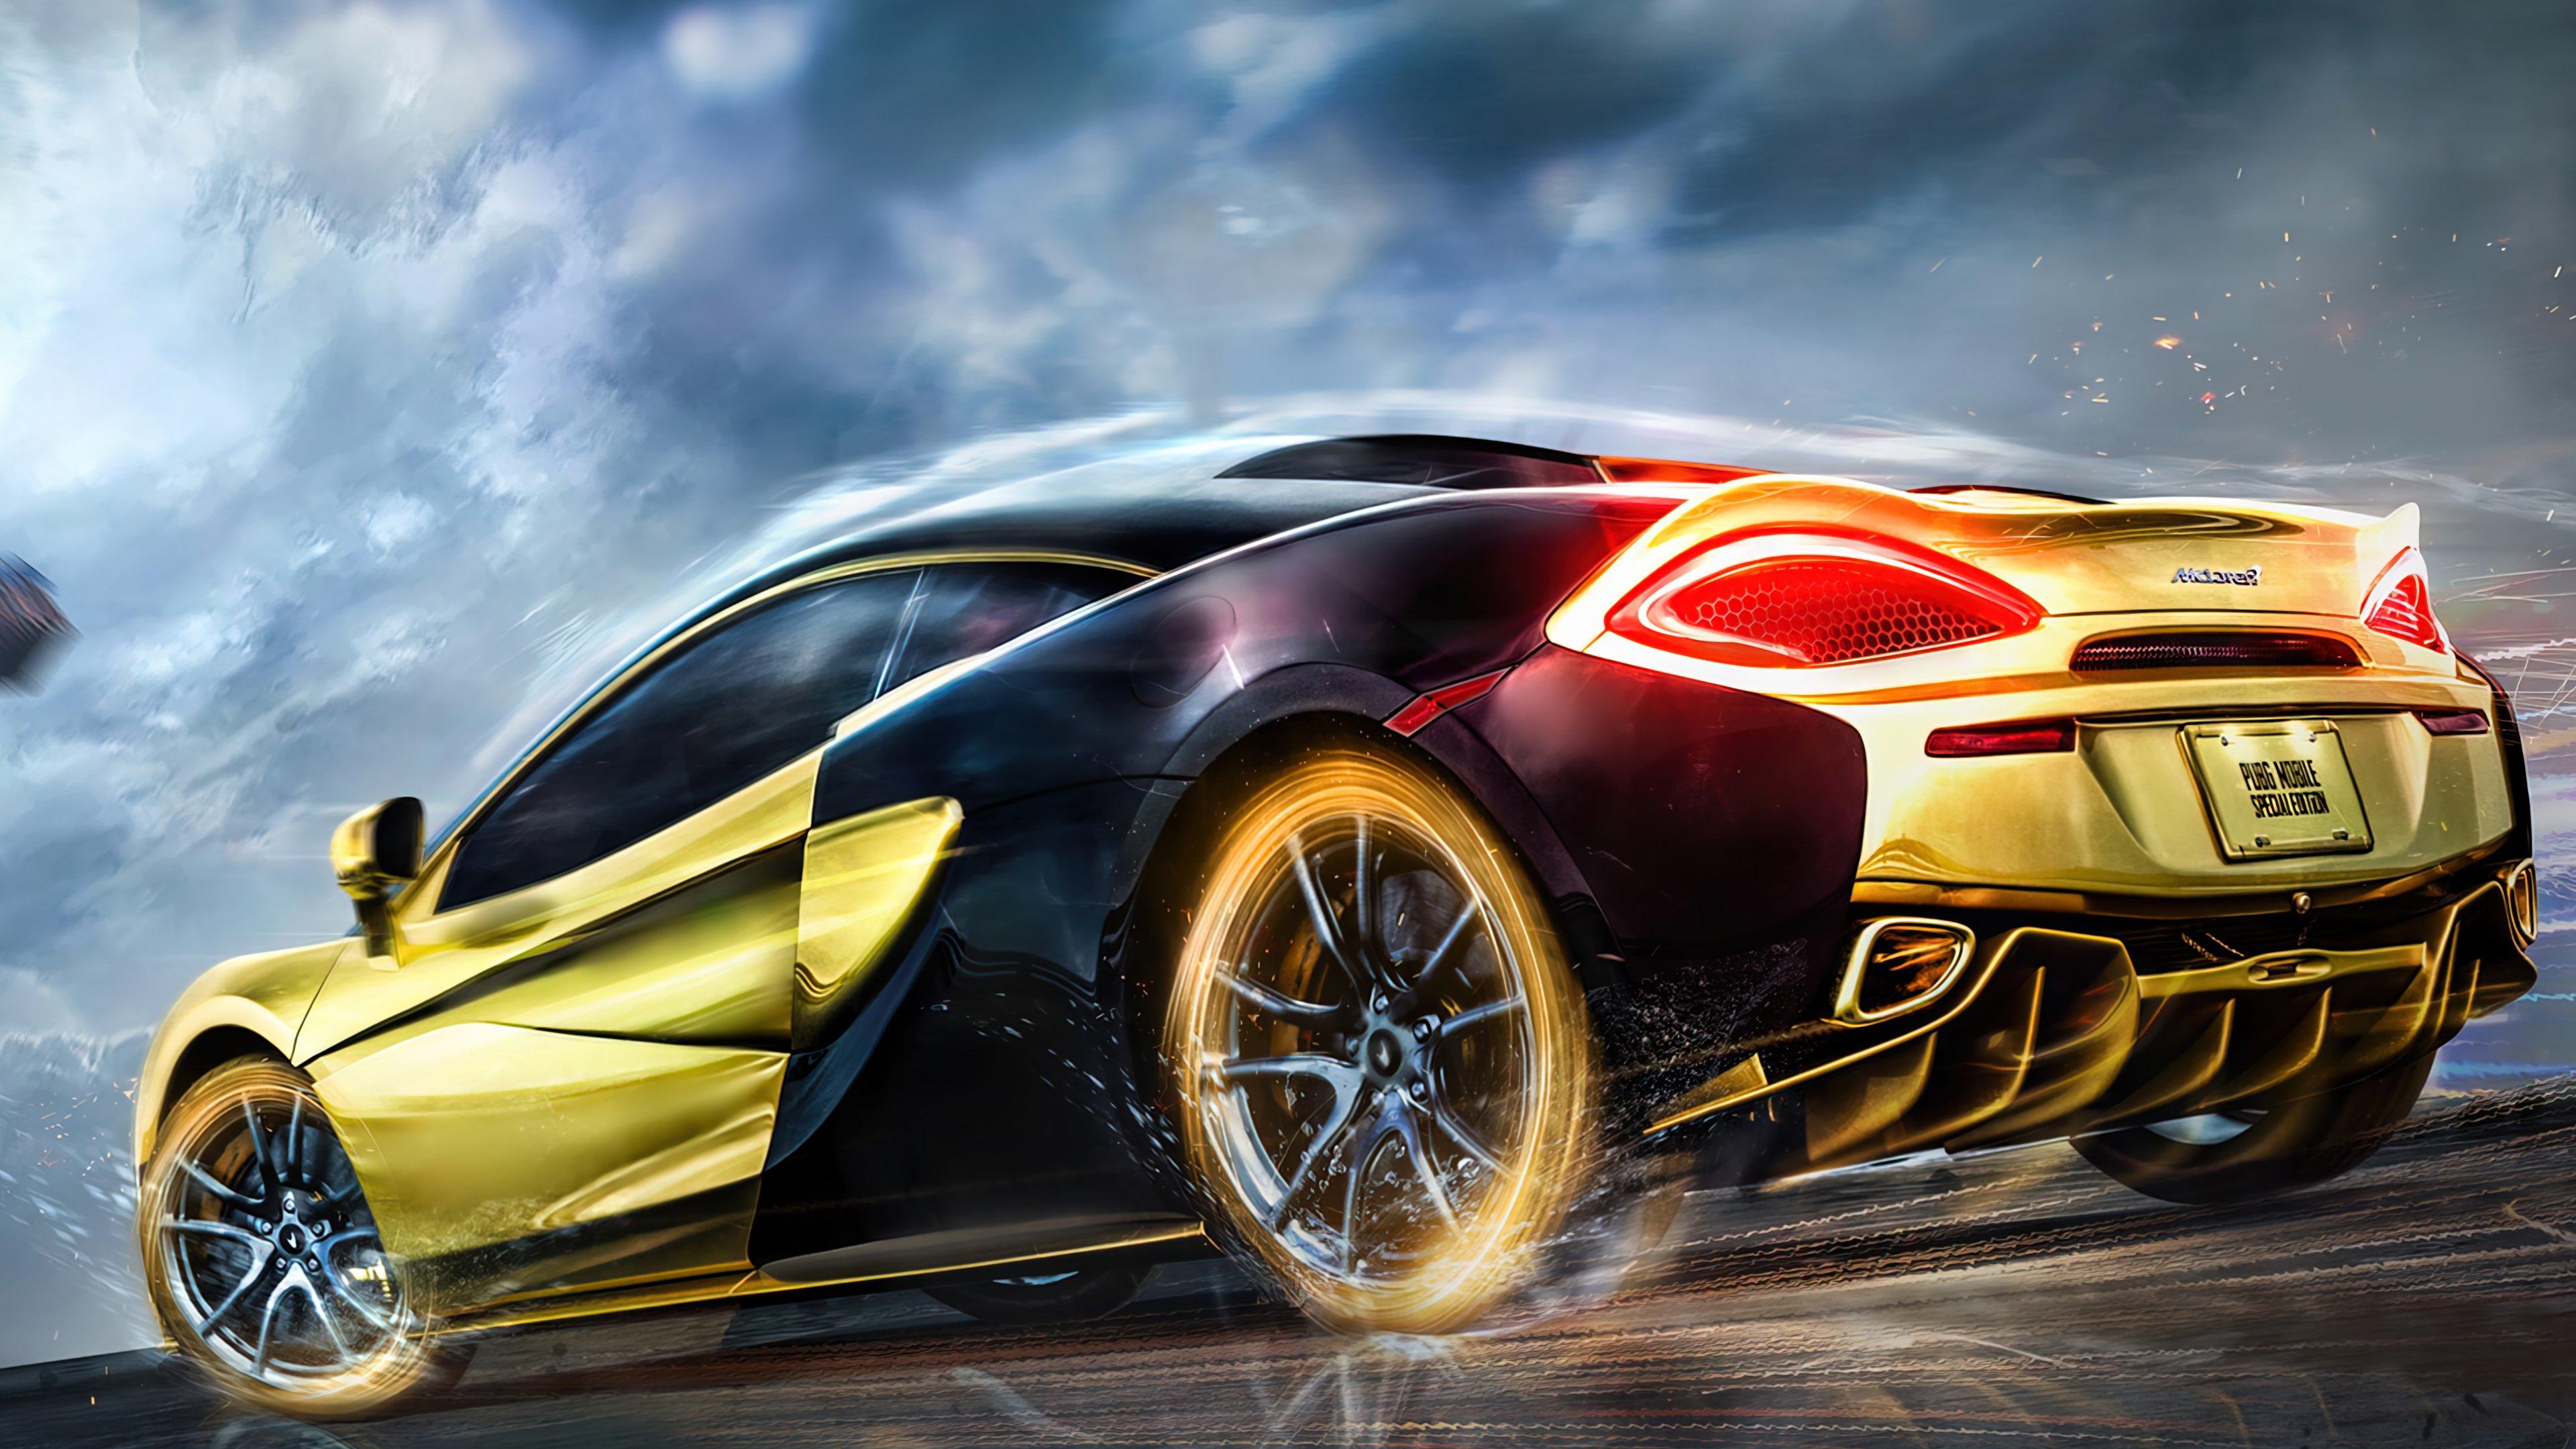 Fondos de pantalla PUBG Mobile Auto Deportivo Mclaren dorado